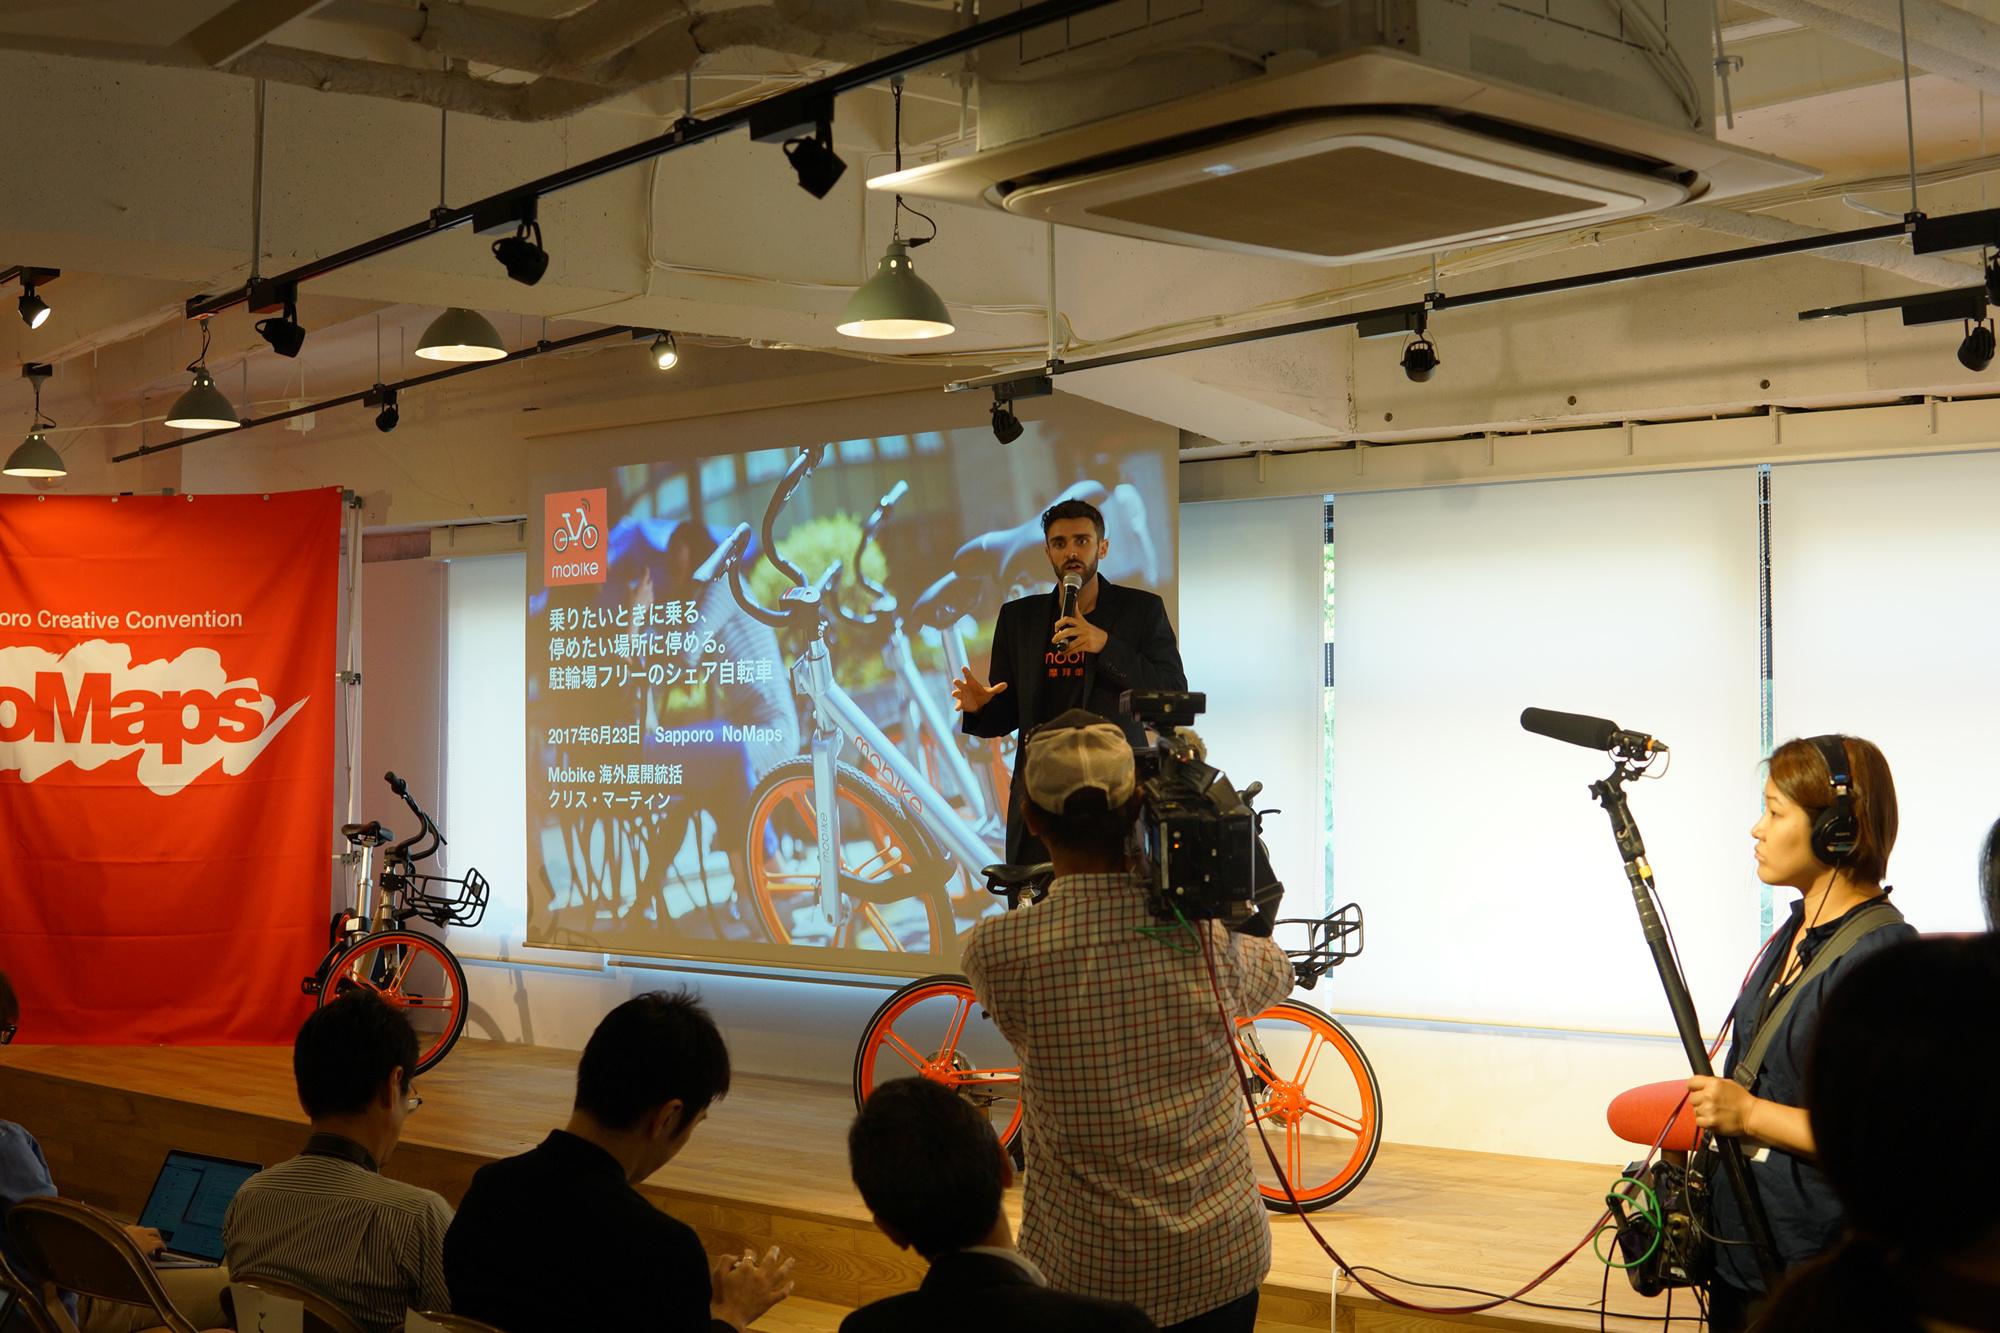 海外第5城曝光 摩拜单车将进入日本札幌